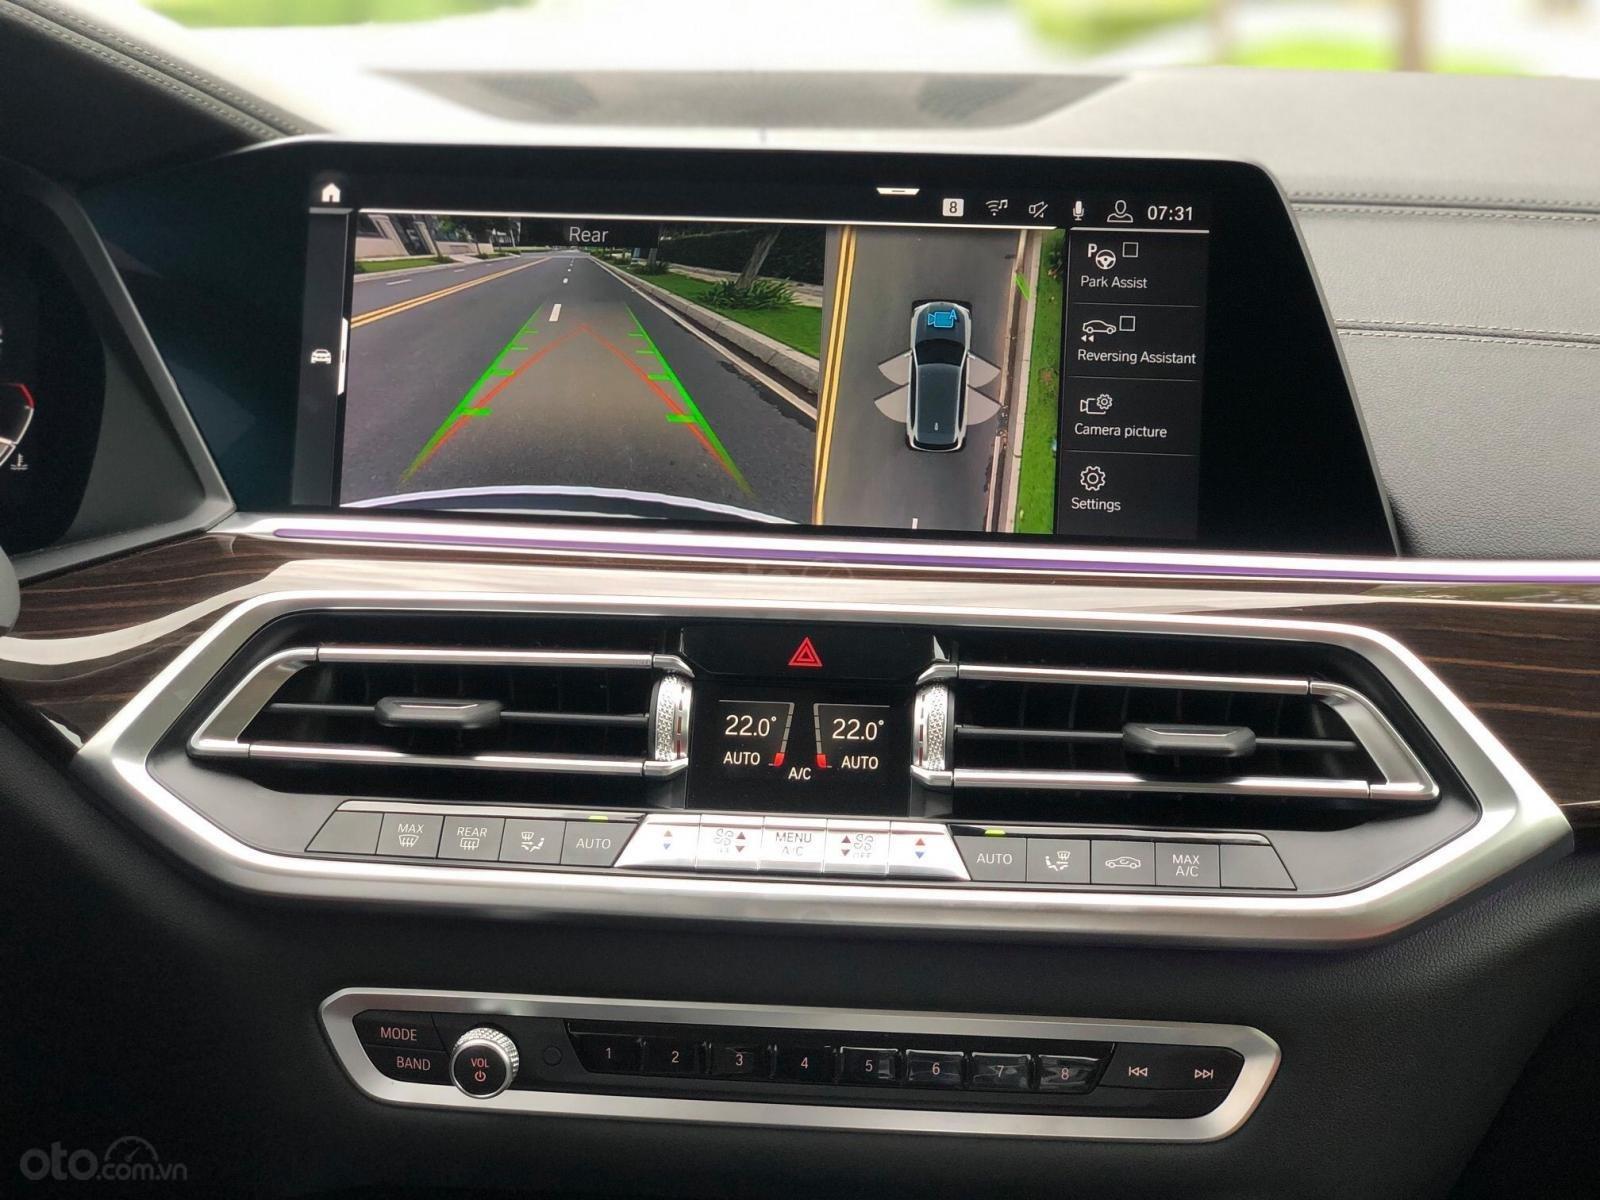 BMW X5 Xdrive 40i 2019 SUV thể thao, mạnh mẽ, màu trắng, xe nhập khẩu Đức 5+2 chỗ (9)